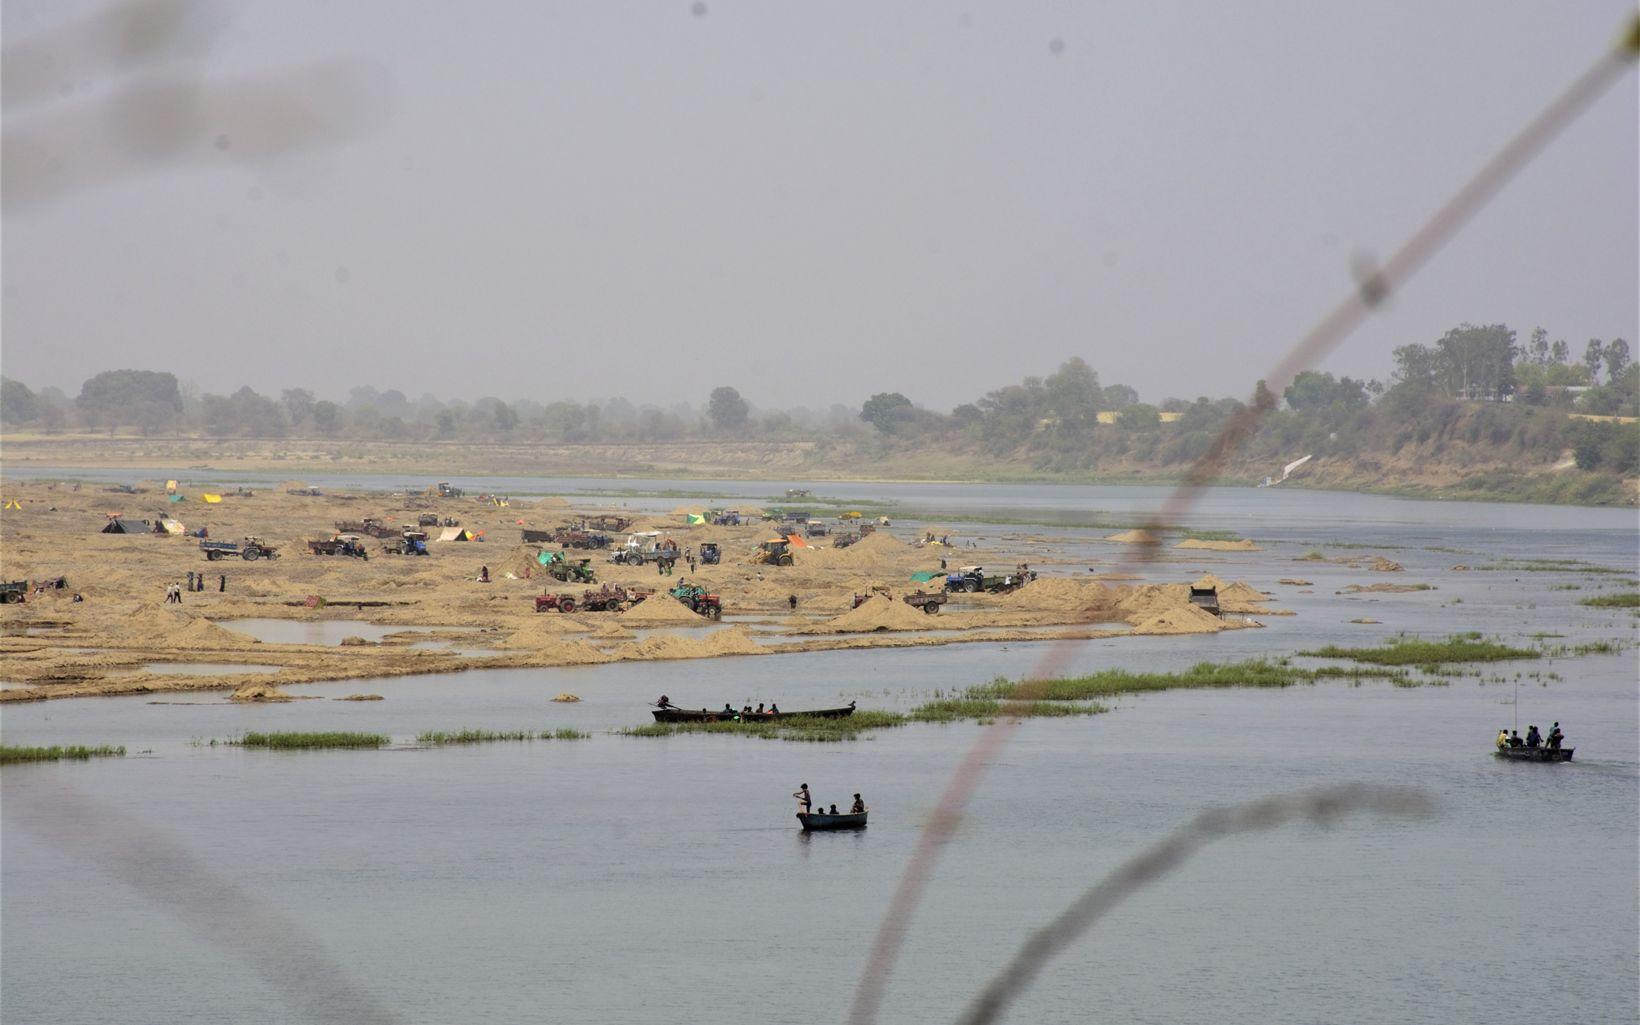 on River Narmada side banks